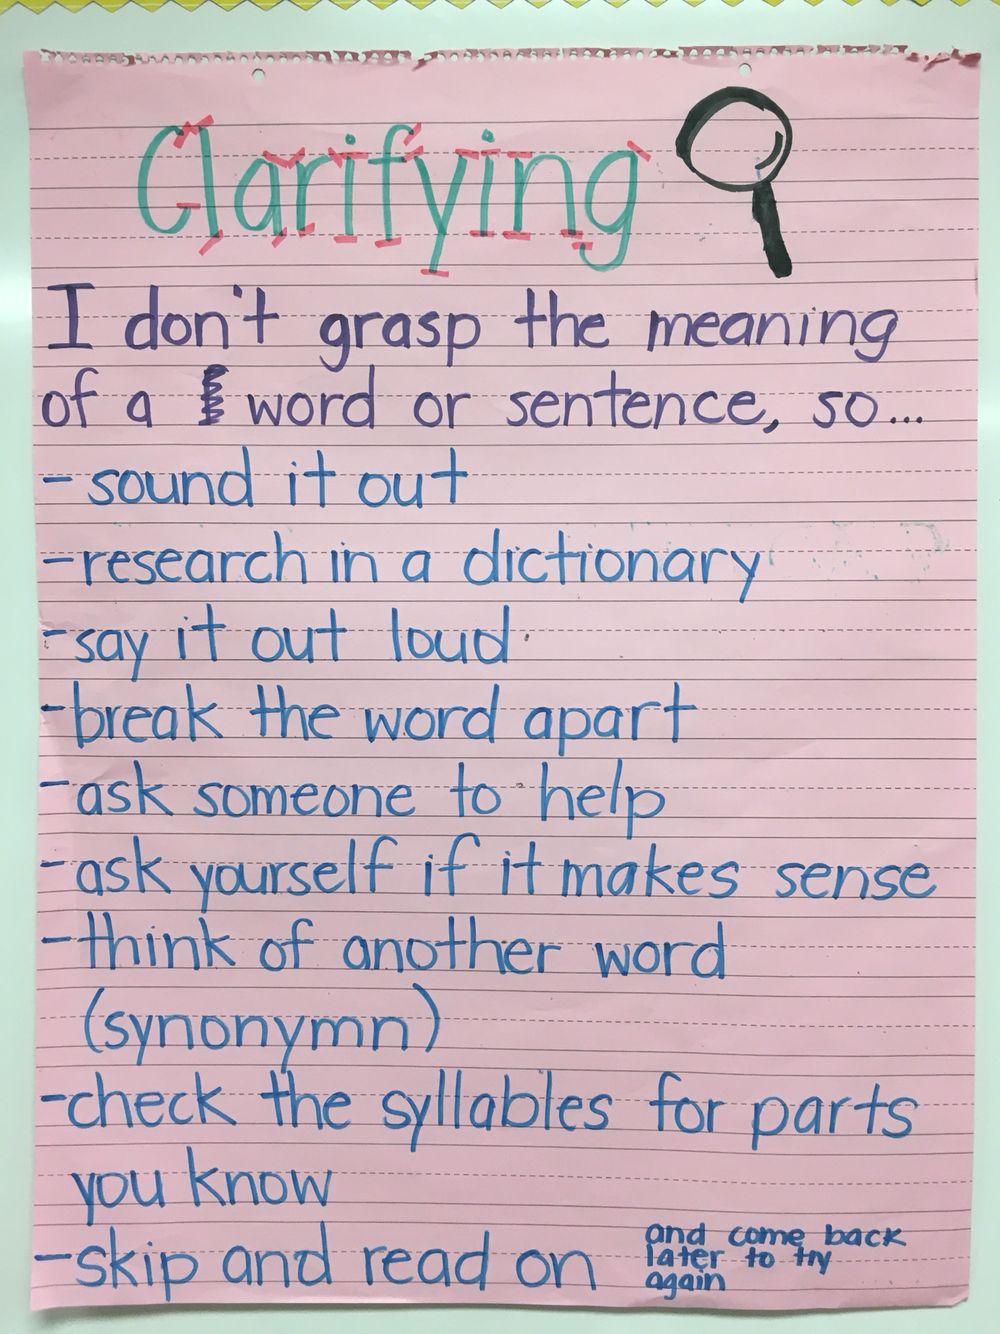 Reciprocal Teaching Clarifying Anchor Chart Reciprocal Teaching Anchor Charts E Words [ 1334 x 1000 Pixel ]